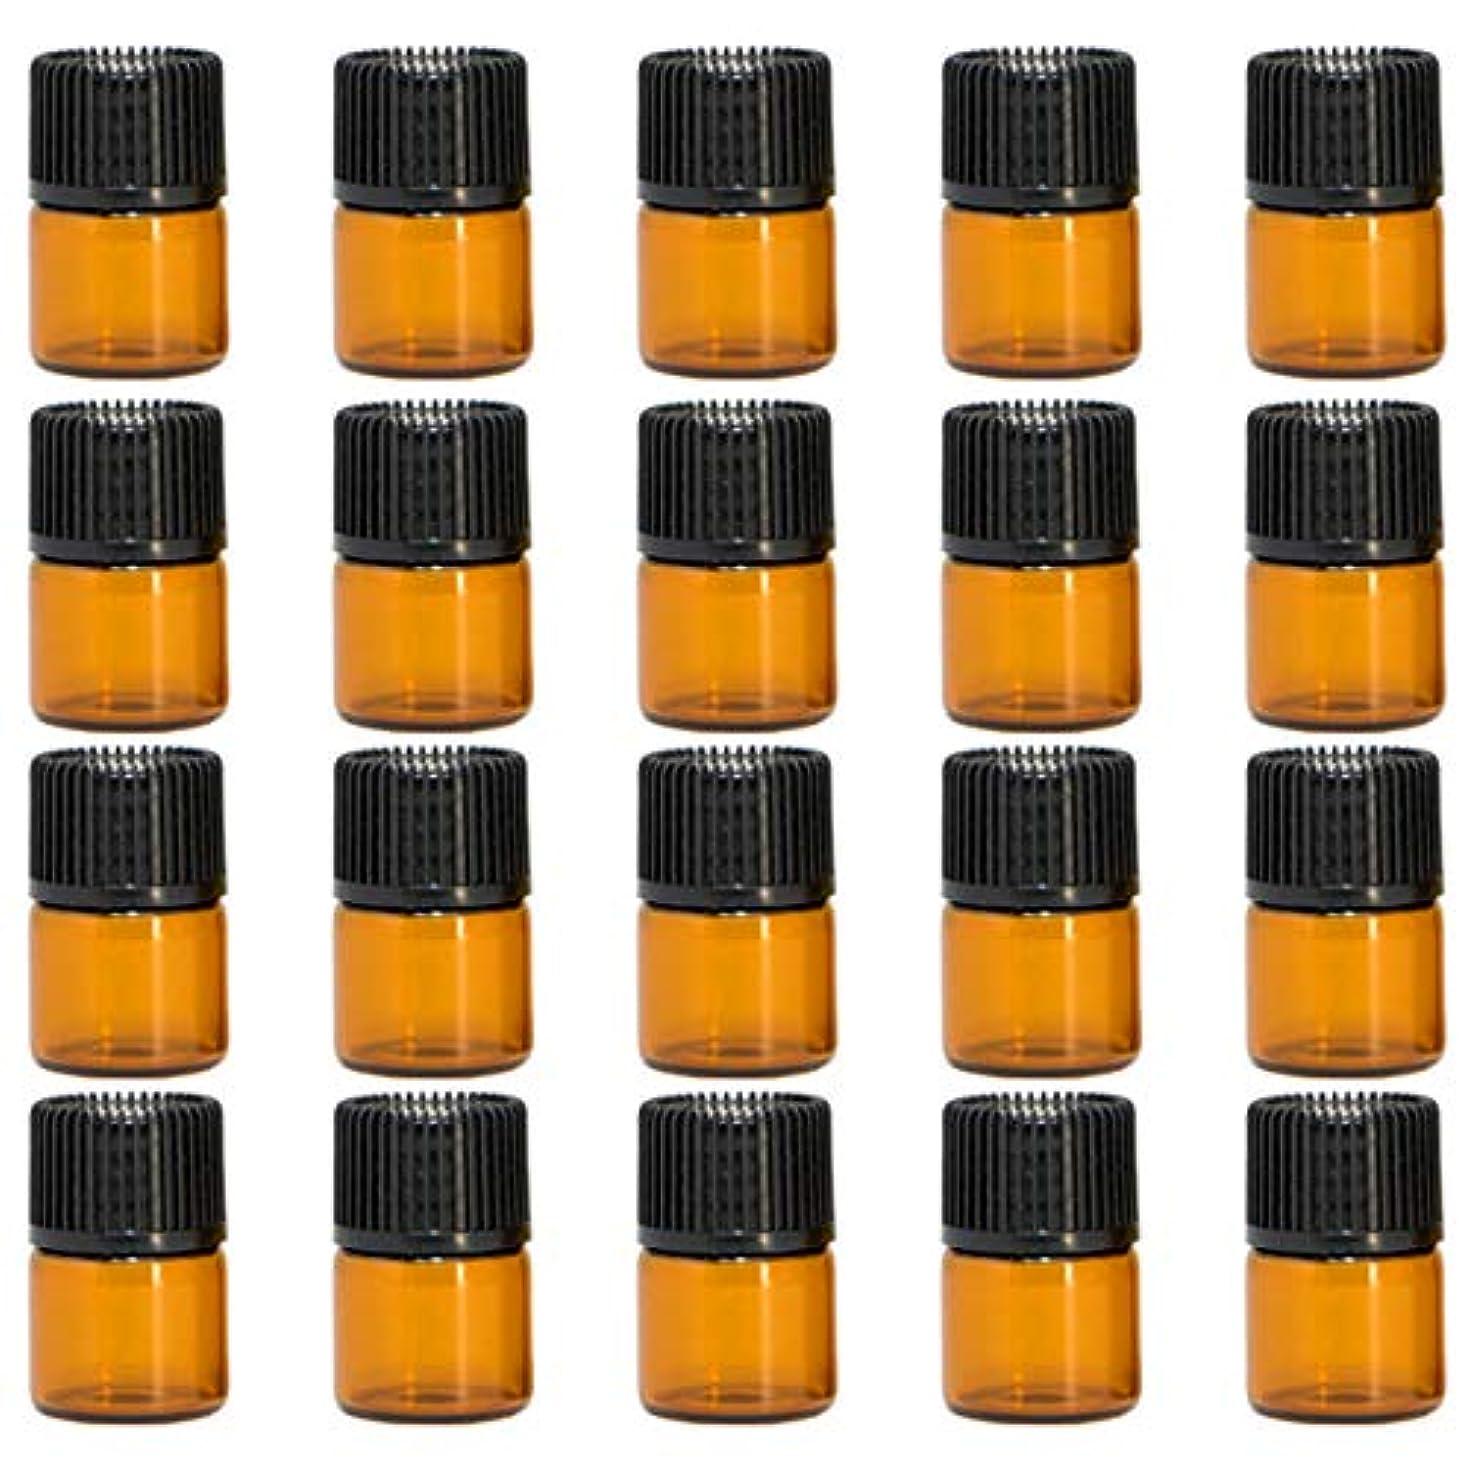 オレンジ論争的それアロマオイル 精油 遮光瓶 遮光ビン ガラスボトル ガラス製 エッセンシャルオイル 保存用 保存容器詰め替え 茶色 ブラウン(1ml?20本セット)予備入り